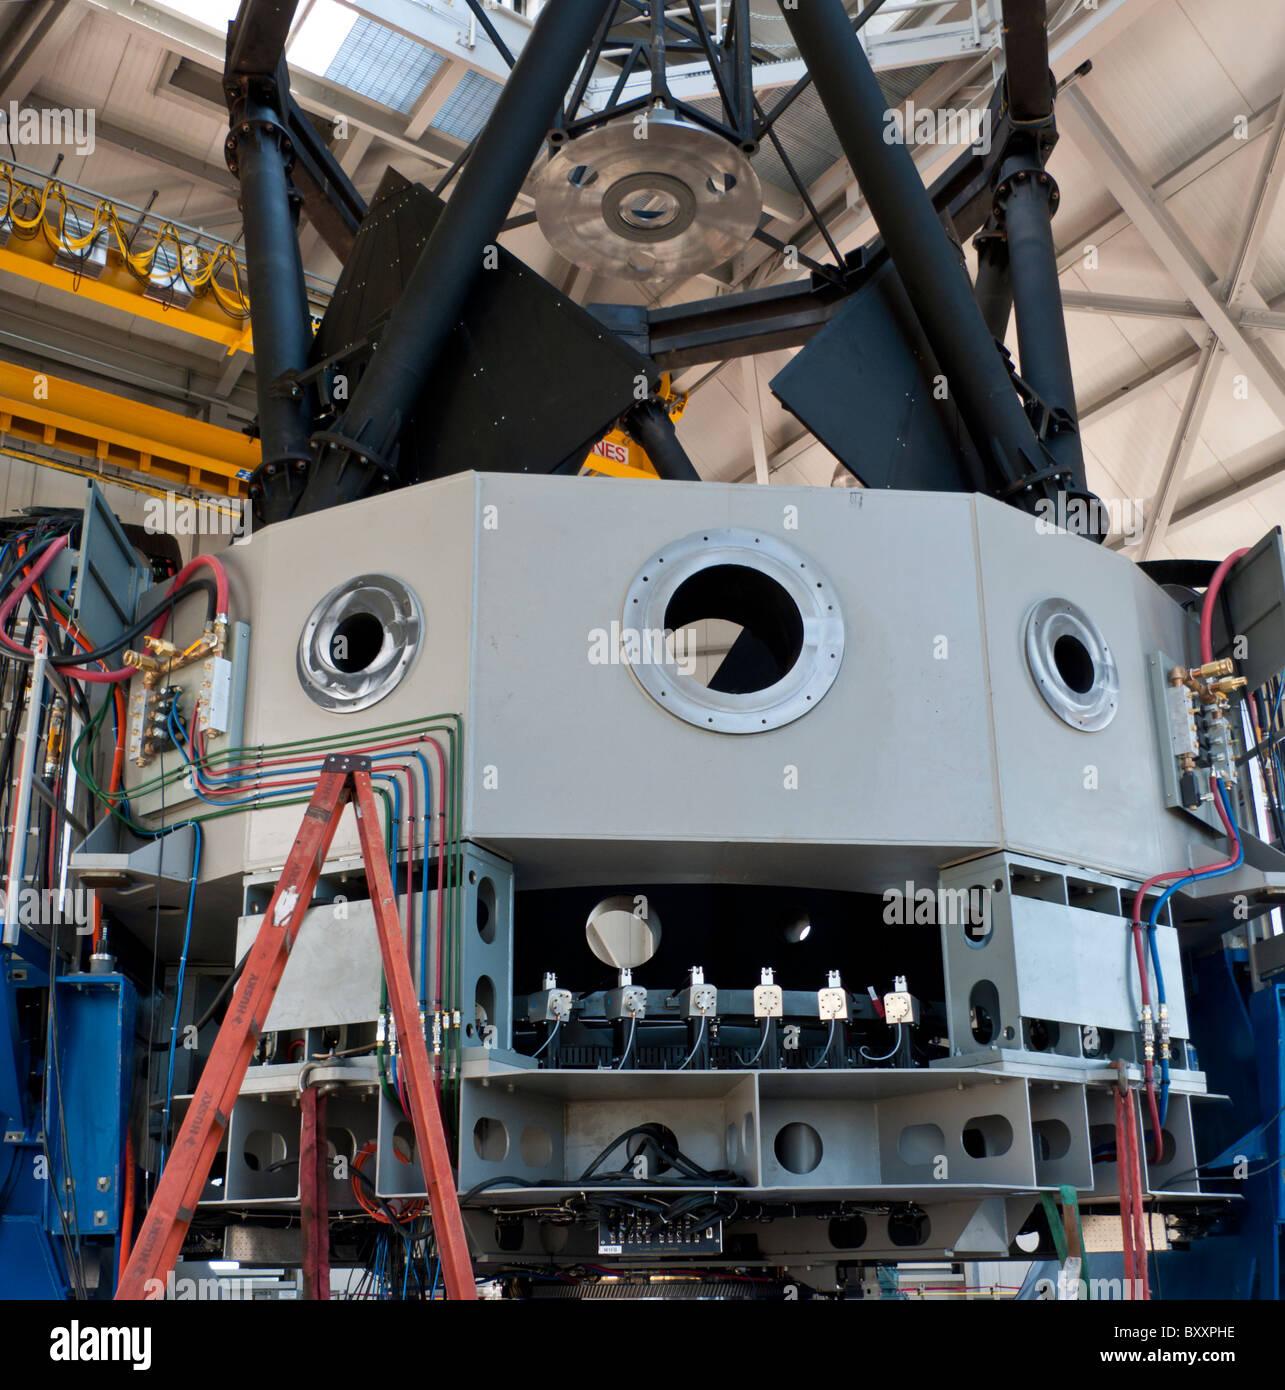 La partie supérieure de la structure du télescope Canal découvrir près de Flagstaff, Arizona Photo Stock